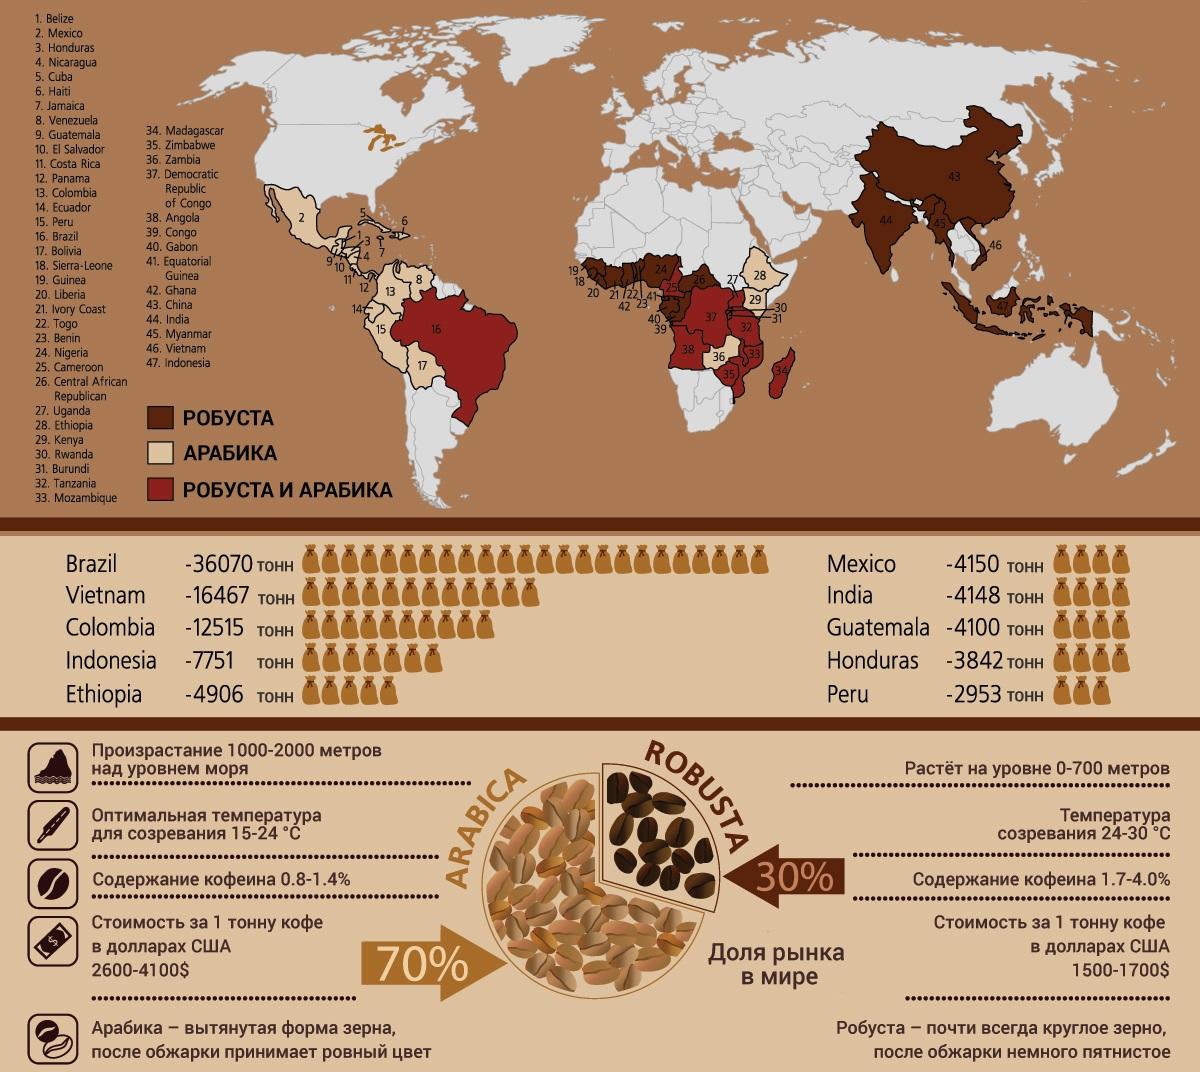 страны, выращивающие робусту